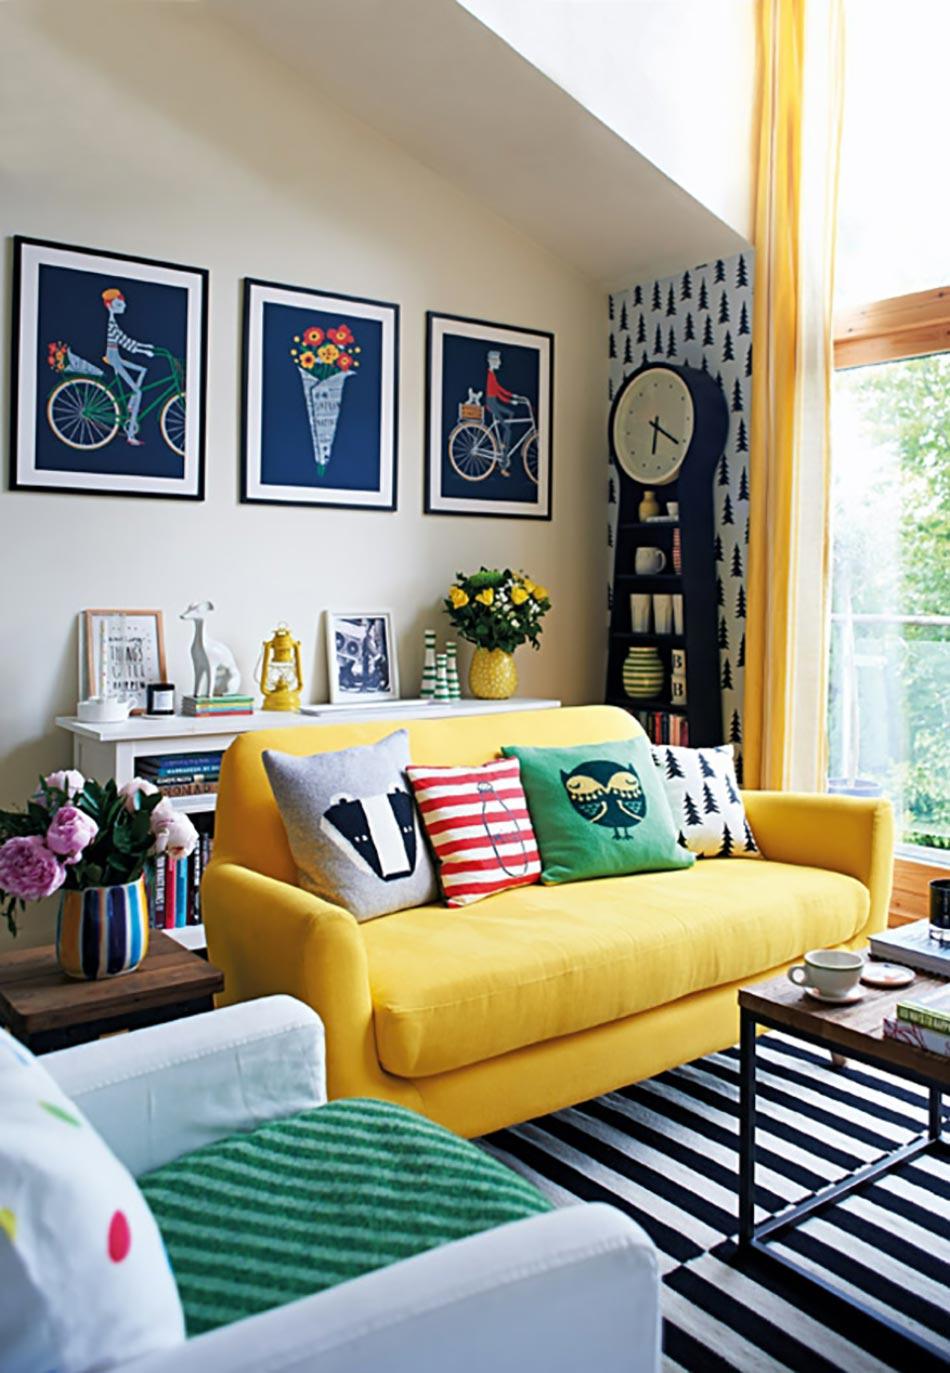 Le jaune pour une d coration int rieure joyeuse design feria for Decoration d un sejour